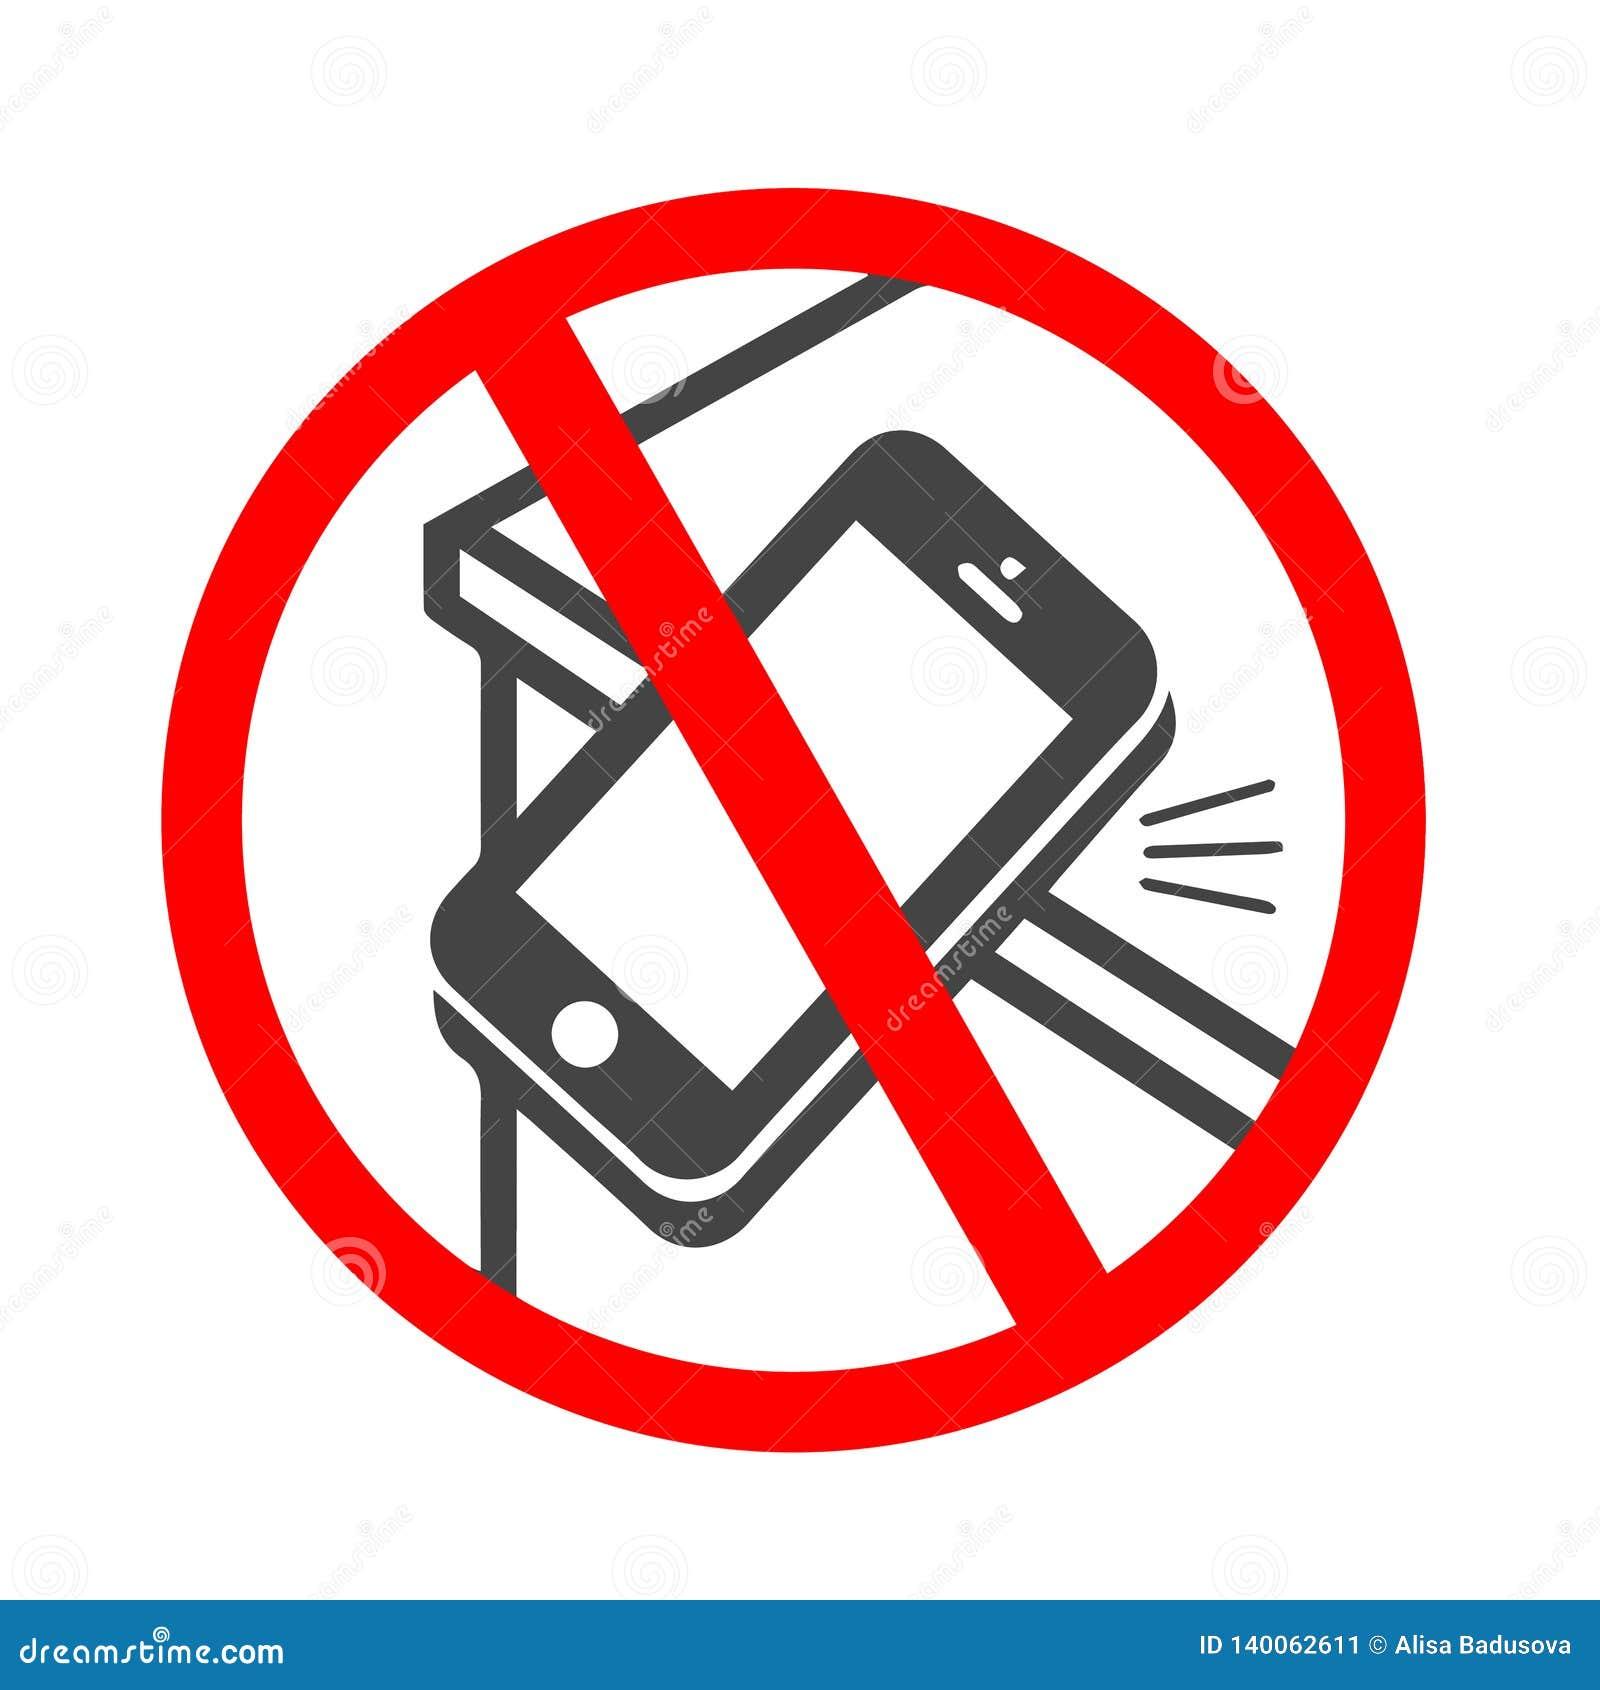 Χτυπώντας εικονίδιο smartphone Χτυπώντας ή δομένος επίπεδο εικονίδιο κινητών τηλεφώνων για τα apps ή τους ιστοχώρους